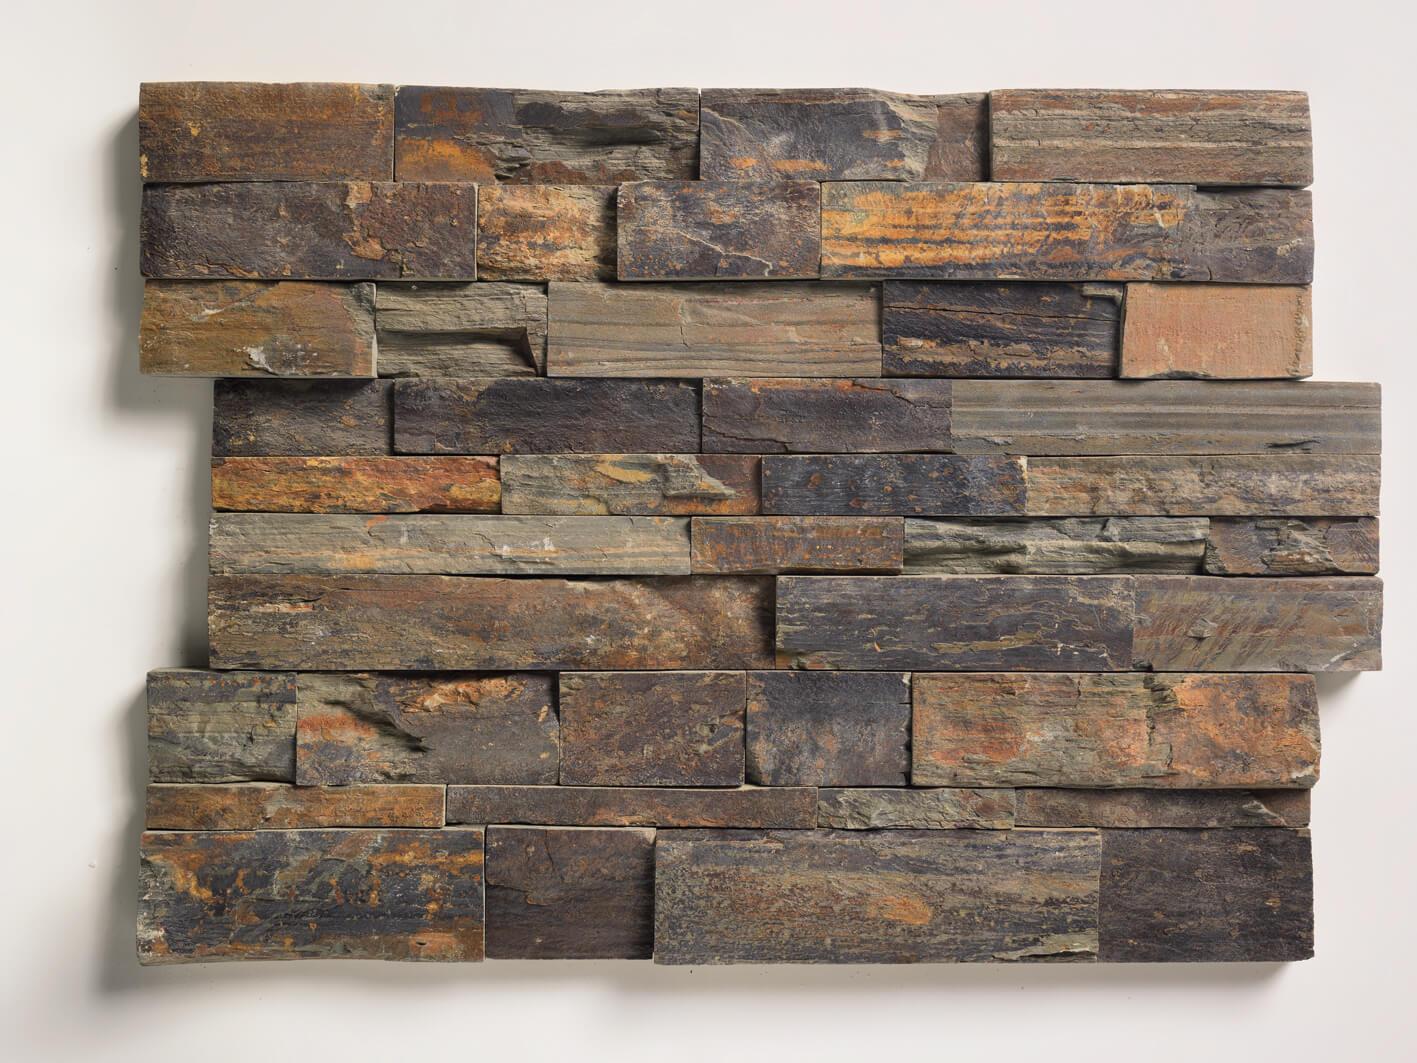 schiefer wandverblender rust 61x15 2x2 4 cm. Black Bedroom Furniture Sets. Home Design Ideas